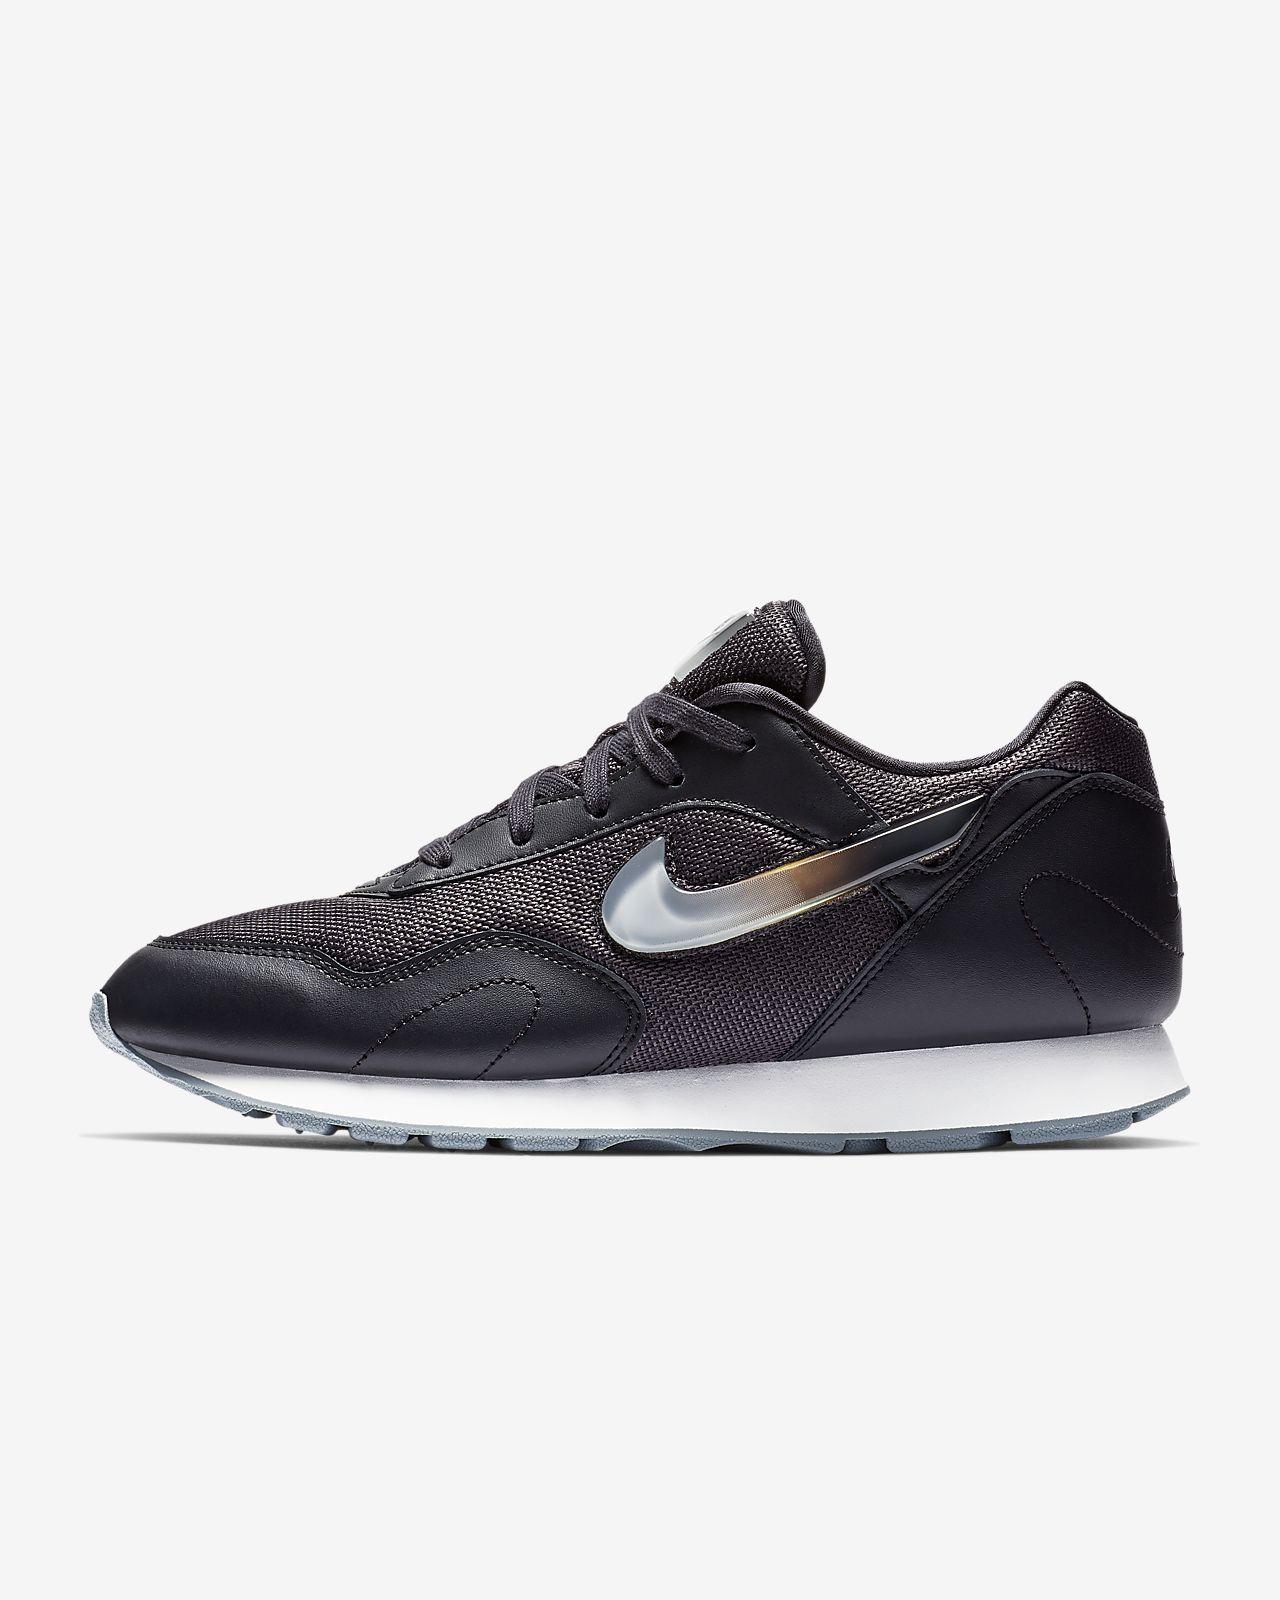 Chaussure Pour Premium Fr Outburst Nike Femme n8qZrUnx